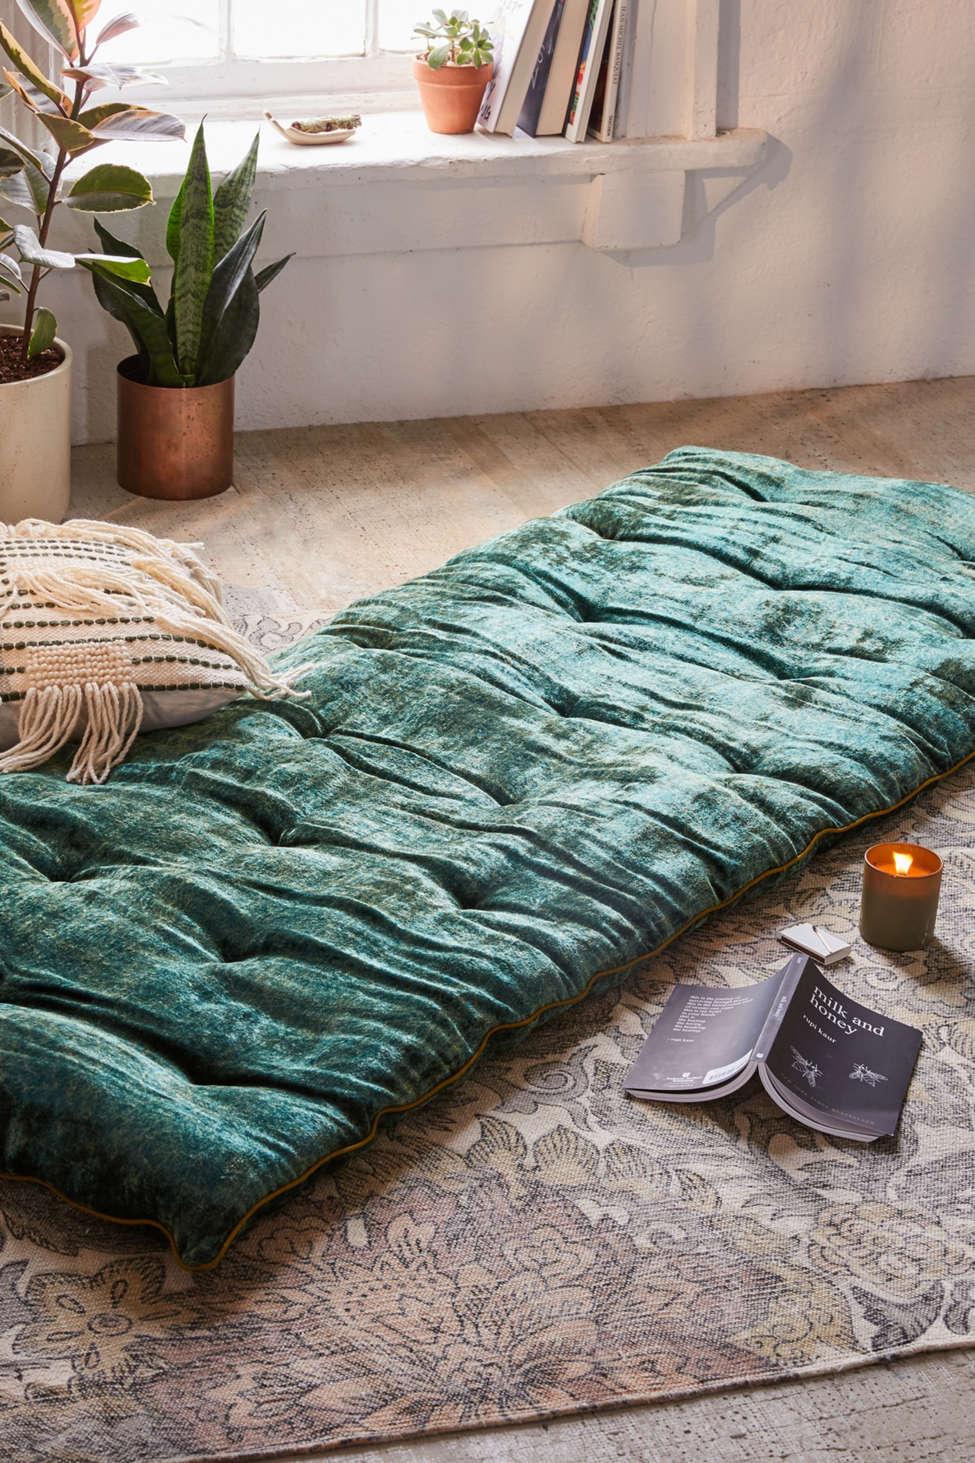 Slide View: 1: Velvet Meditation Mat